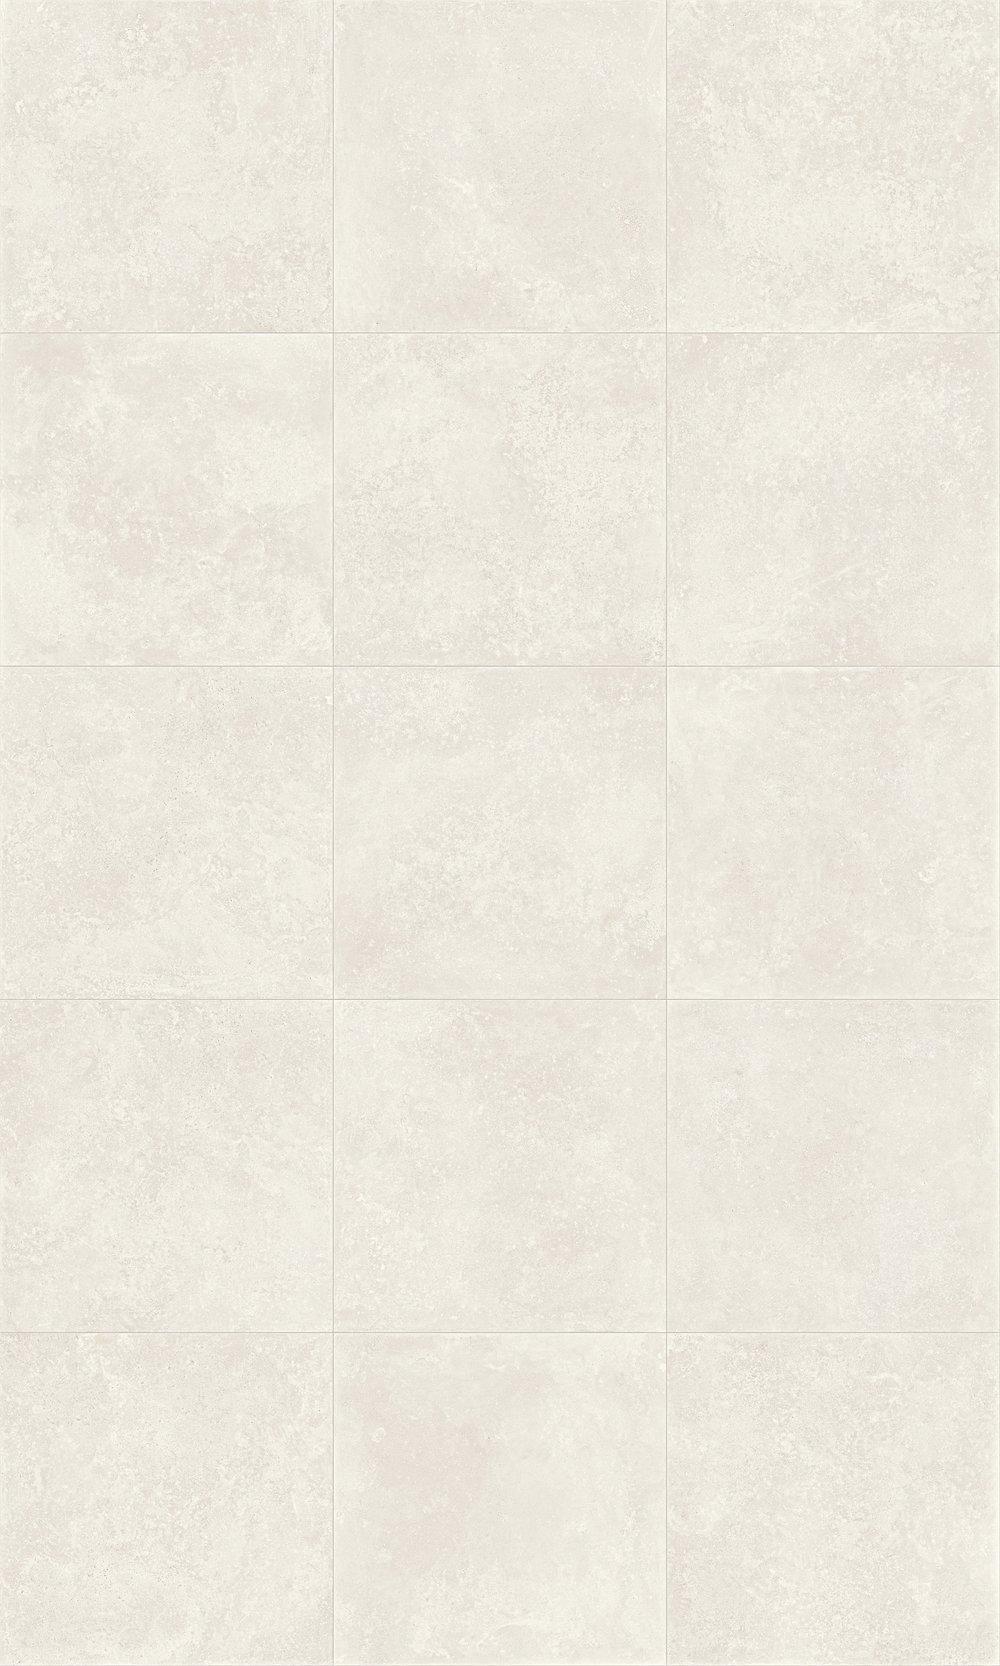 STONENATURE_60x60_pannello_Salt.jpg